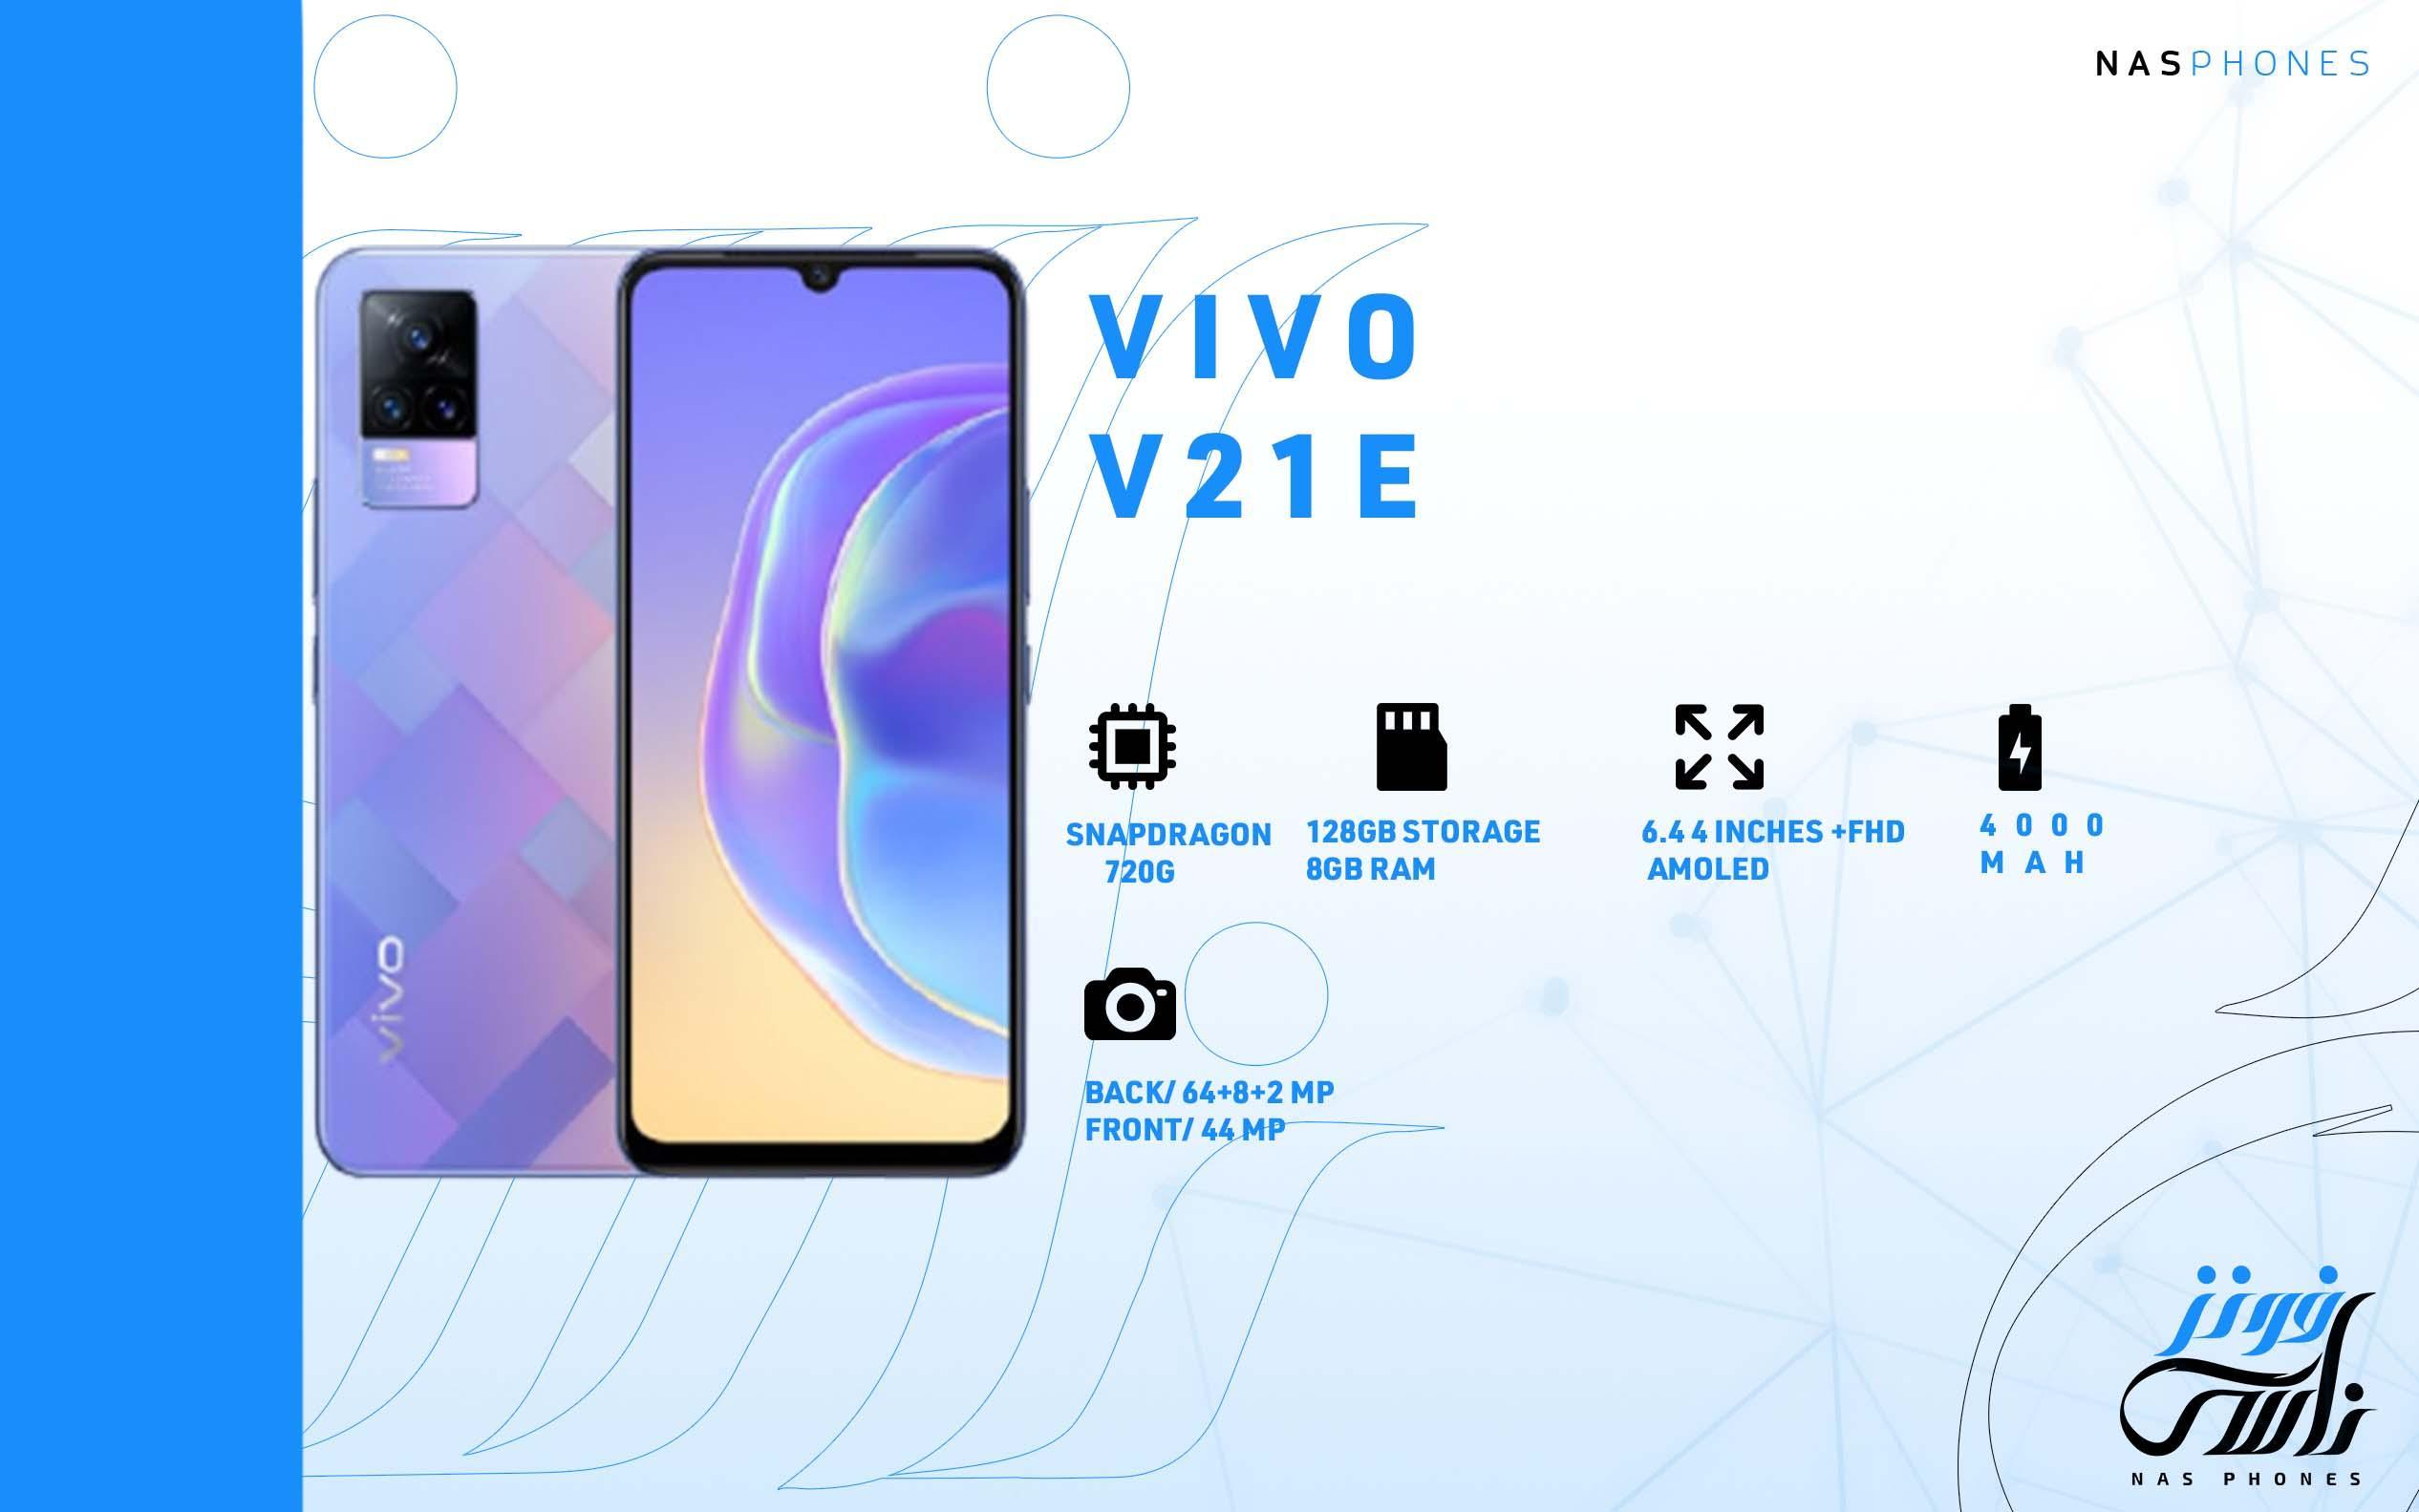 Vivo V21e